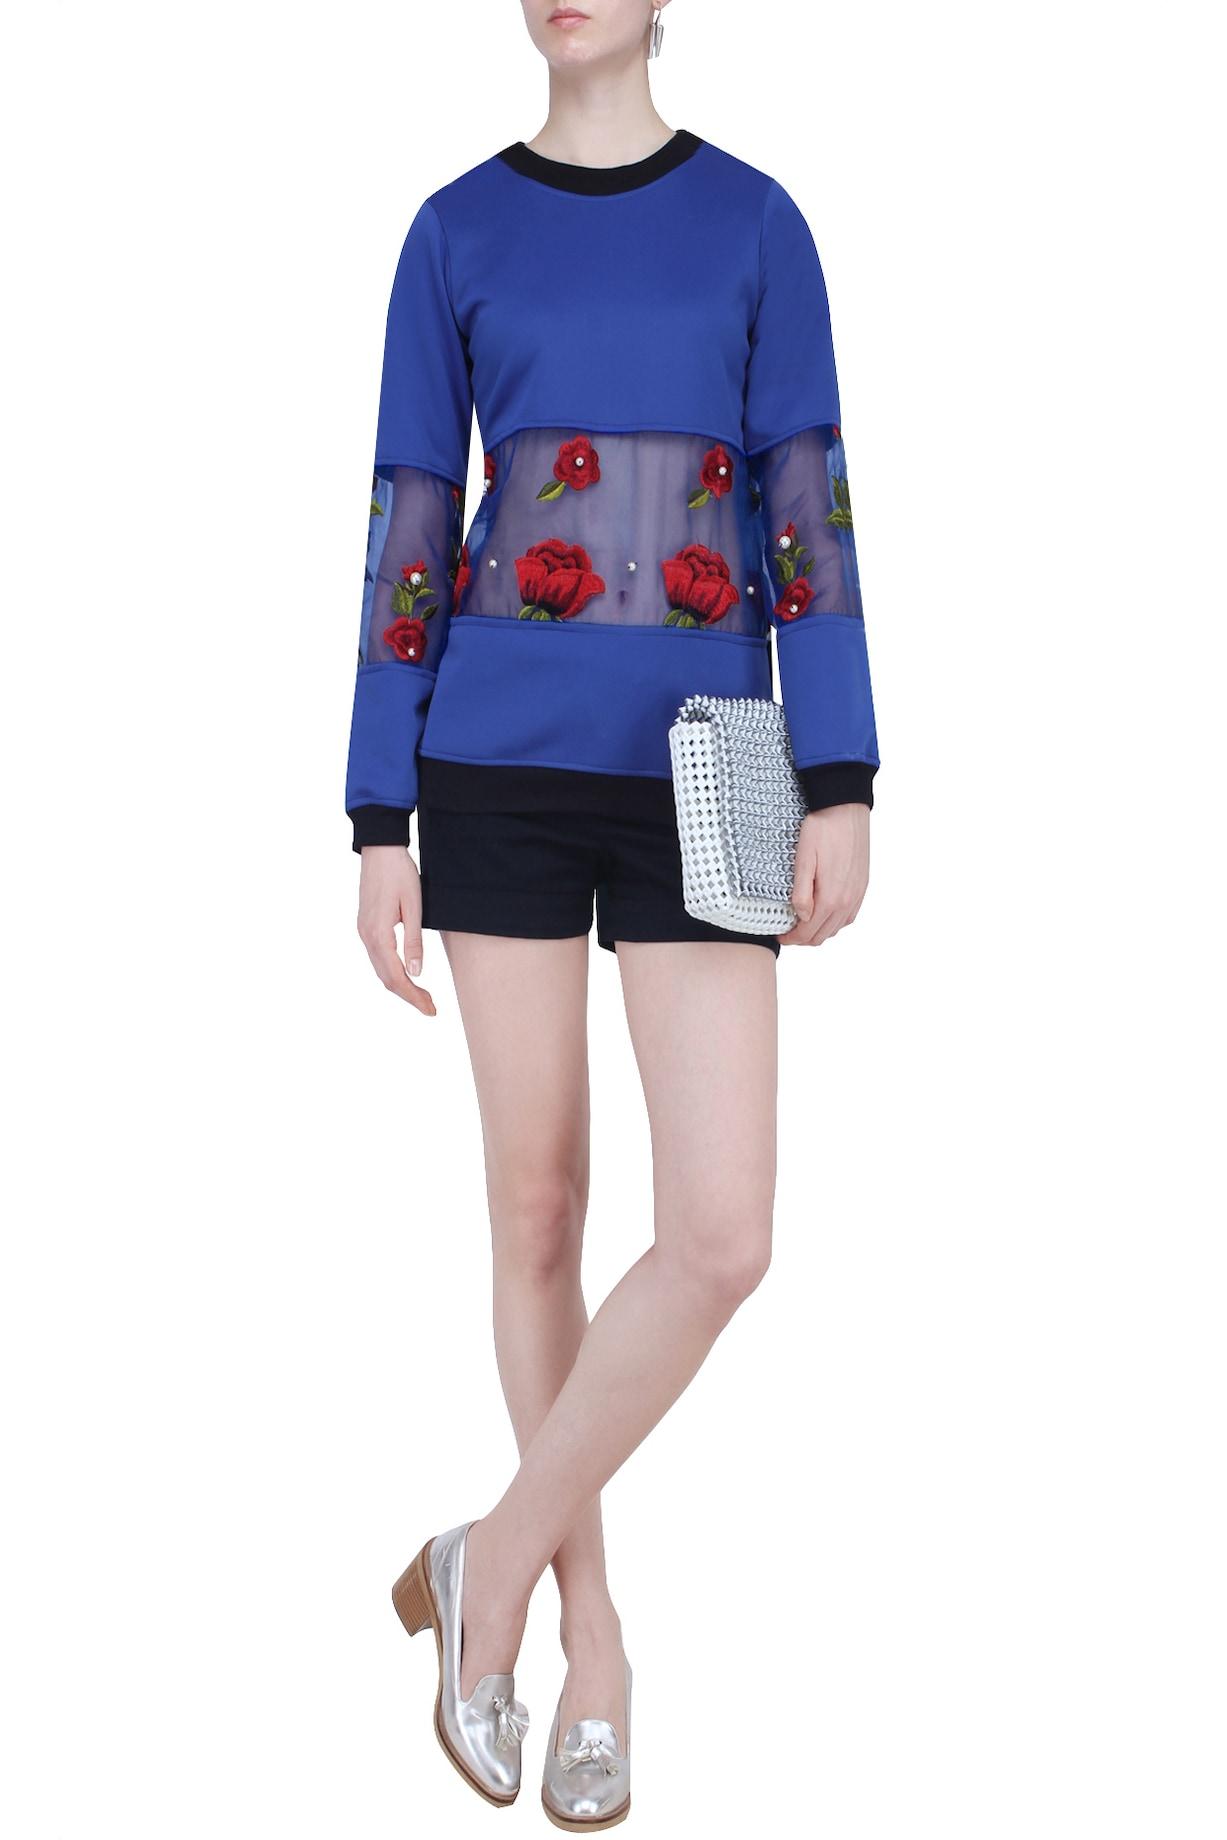 Nitya Bajaj Sweatshirts